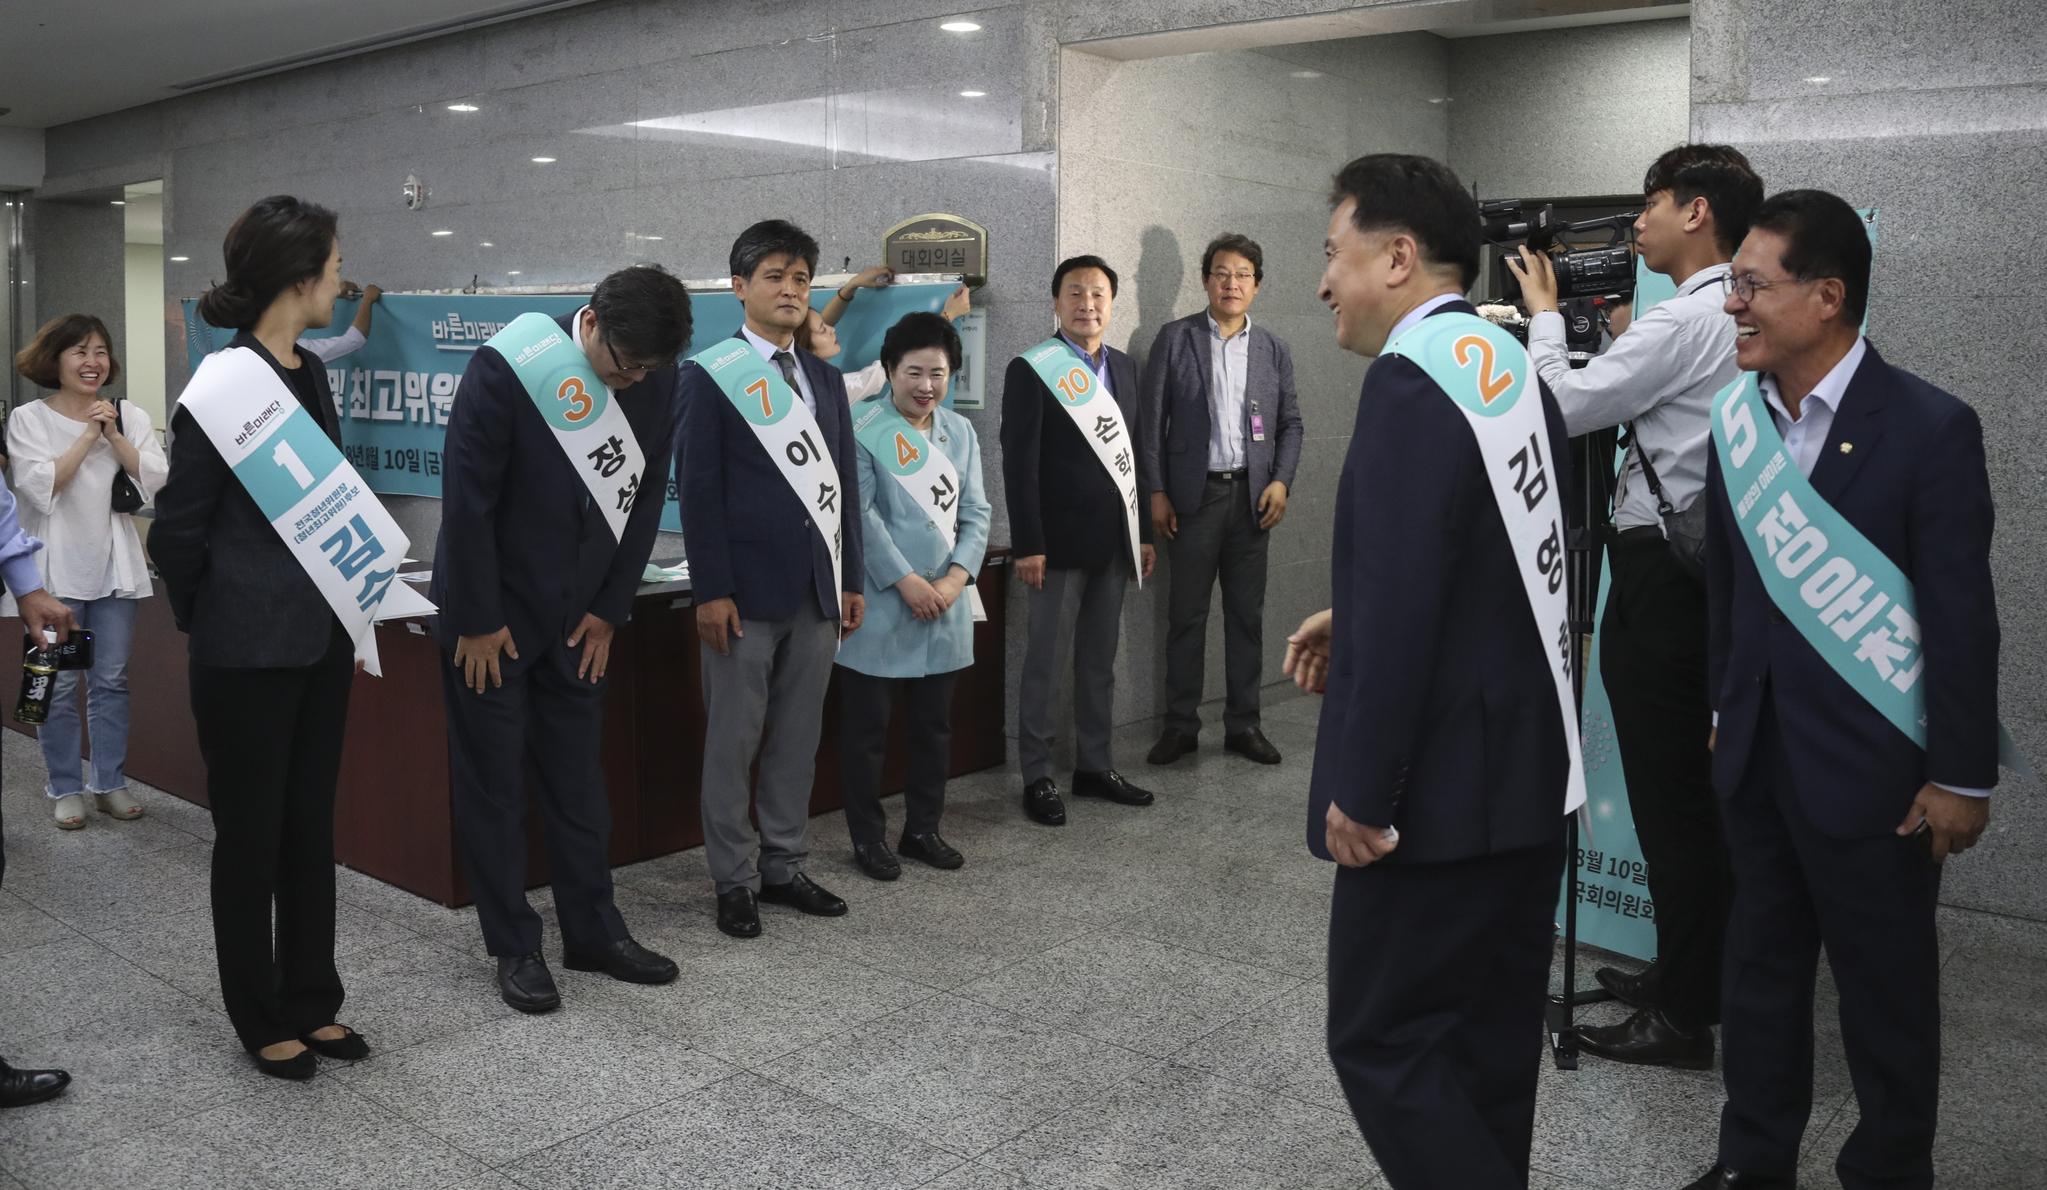 후보들이 발표회장으로 들어가는 당원에게 인사하고 있다. 임현동 기자